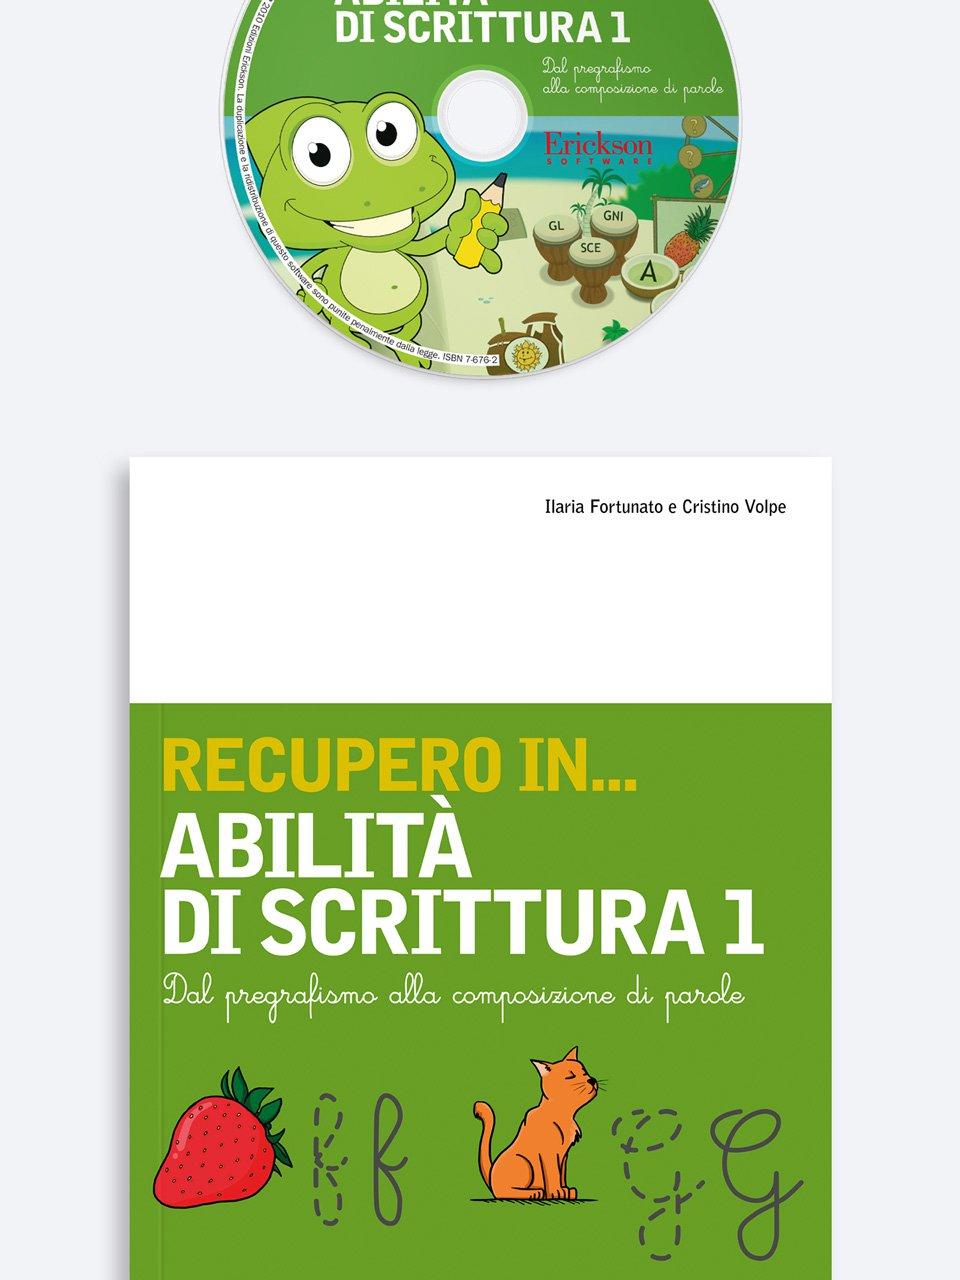 RECUPERO IN... Abilità di scrittura 1 - RECUPERO IN... Abilità di scrittura 2 - Libri - App e software - Erickson 3